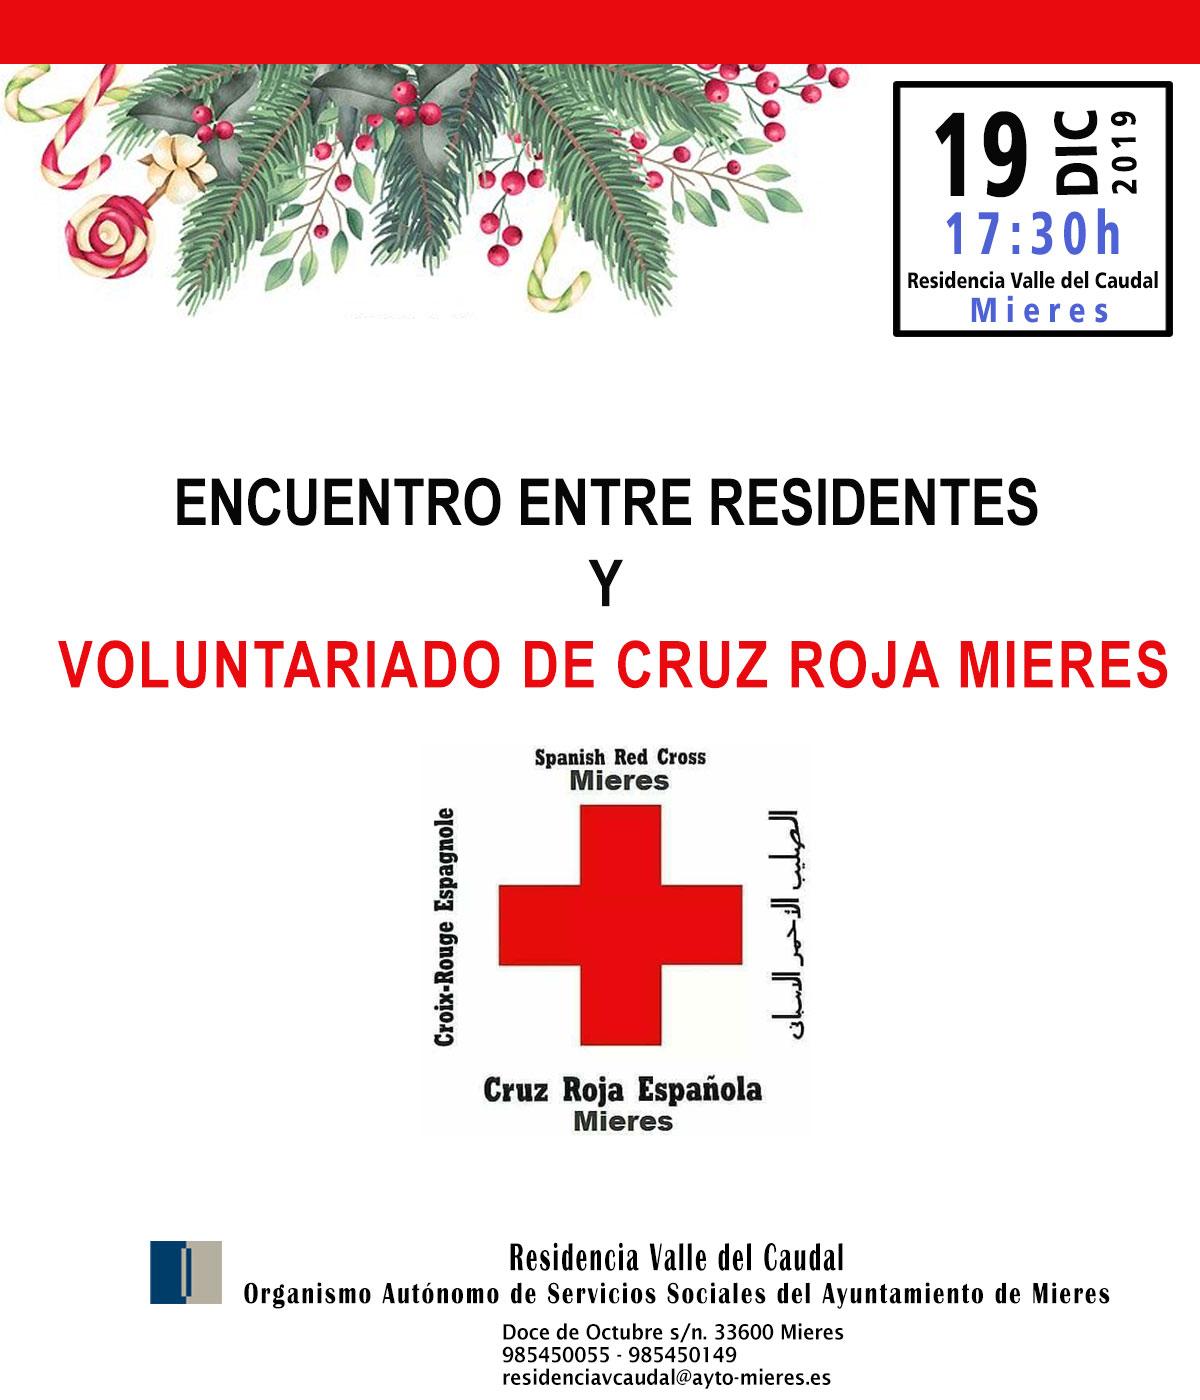 024 Cartel Encuentro De Residentes Y Voluntariado De Cruz Roja Mieres Para Web